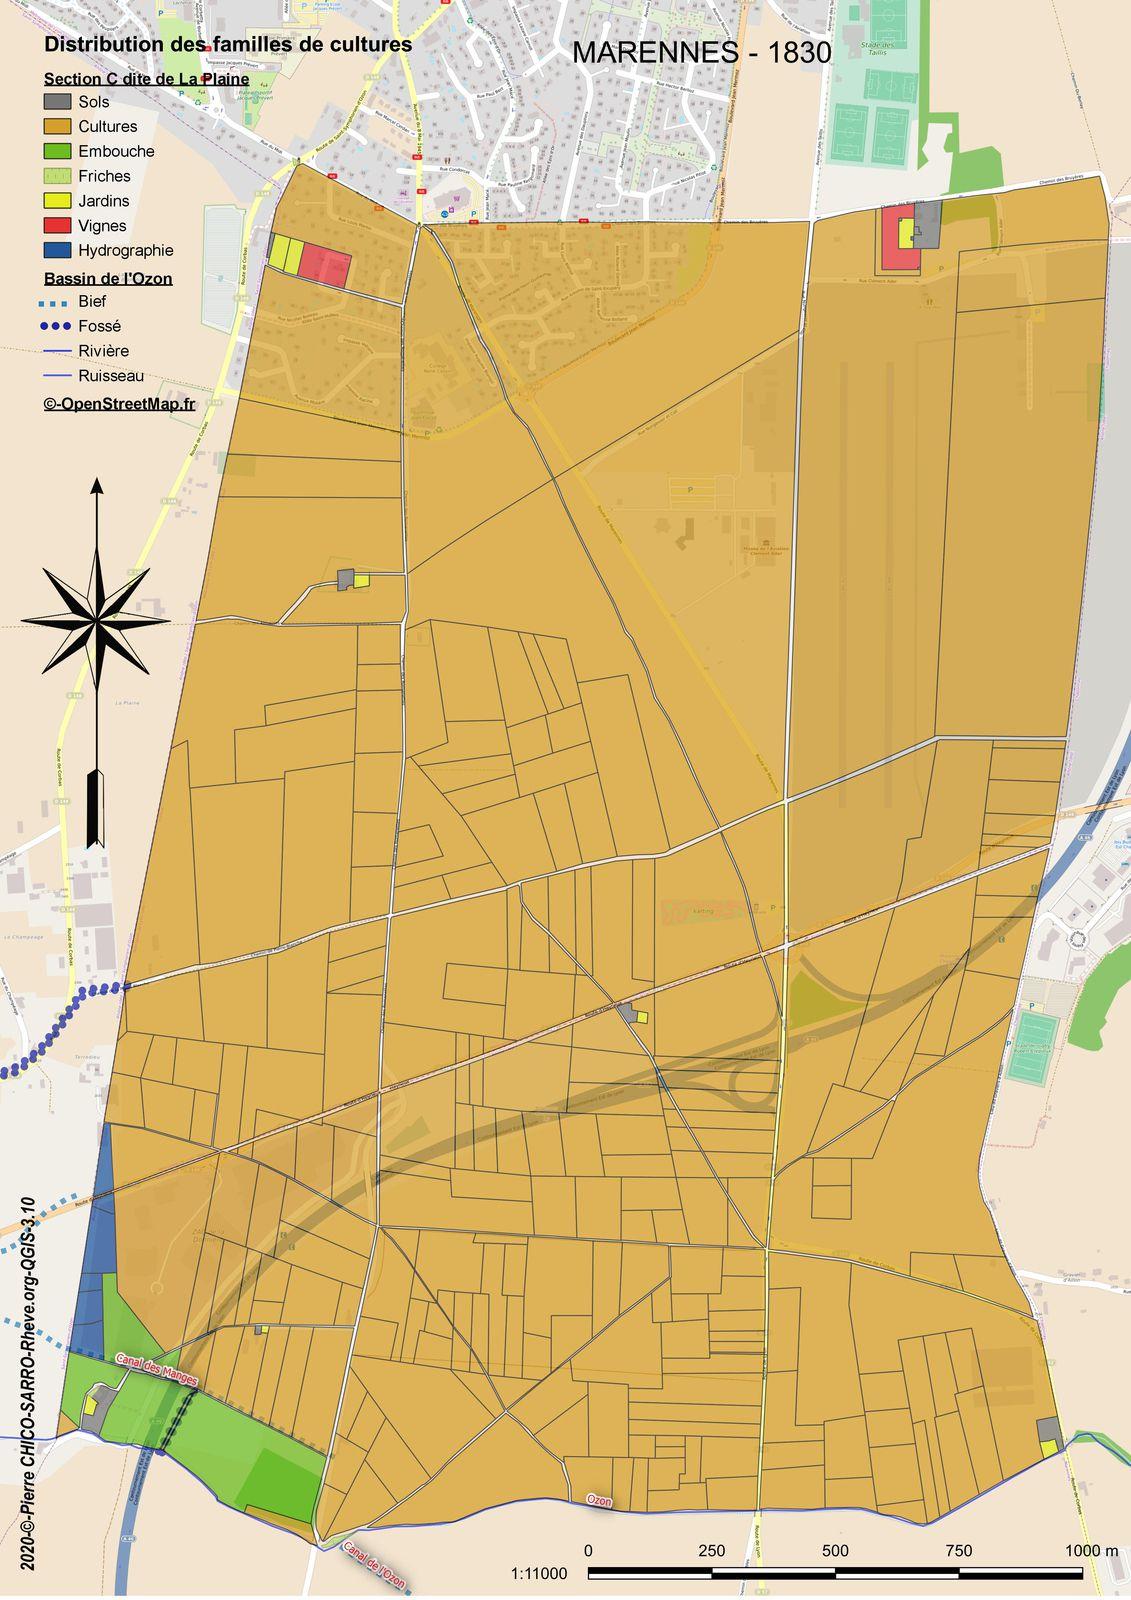 Distribution des familles de cultures dans la section C dite de La Plaine à Marennes en 1830